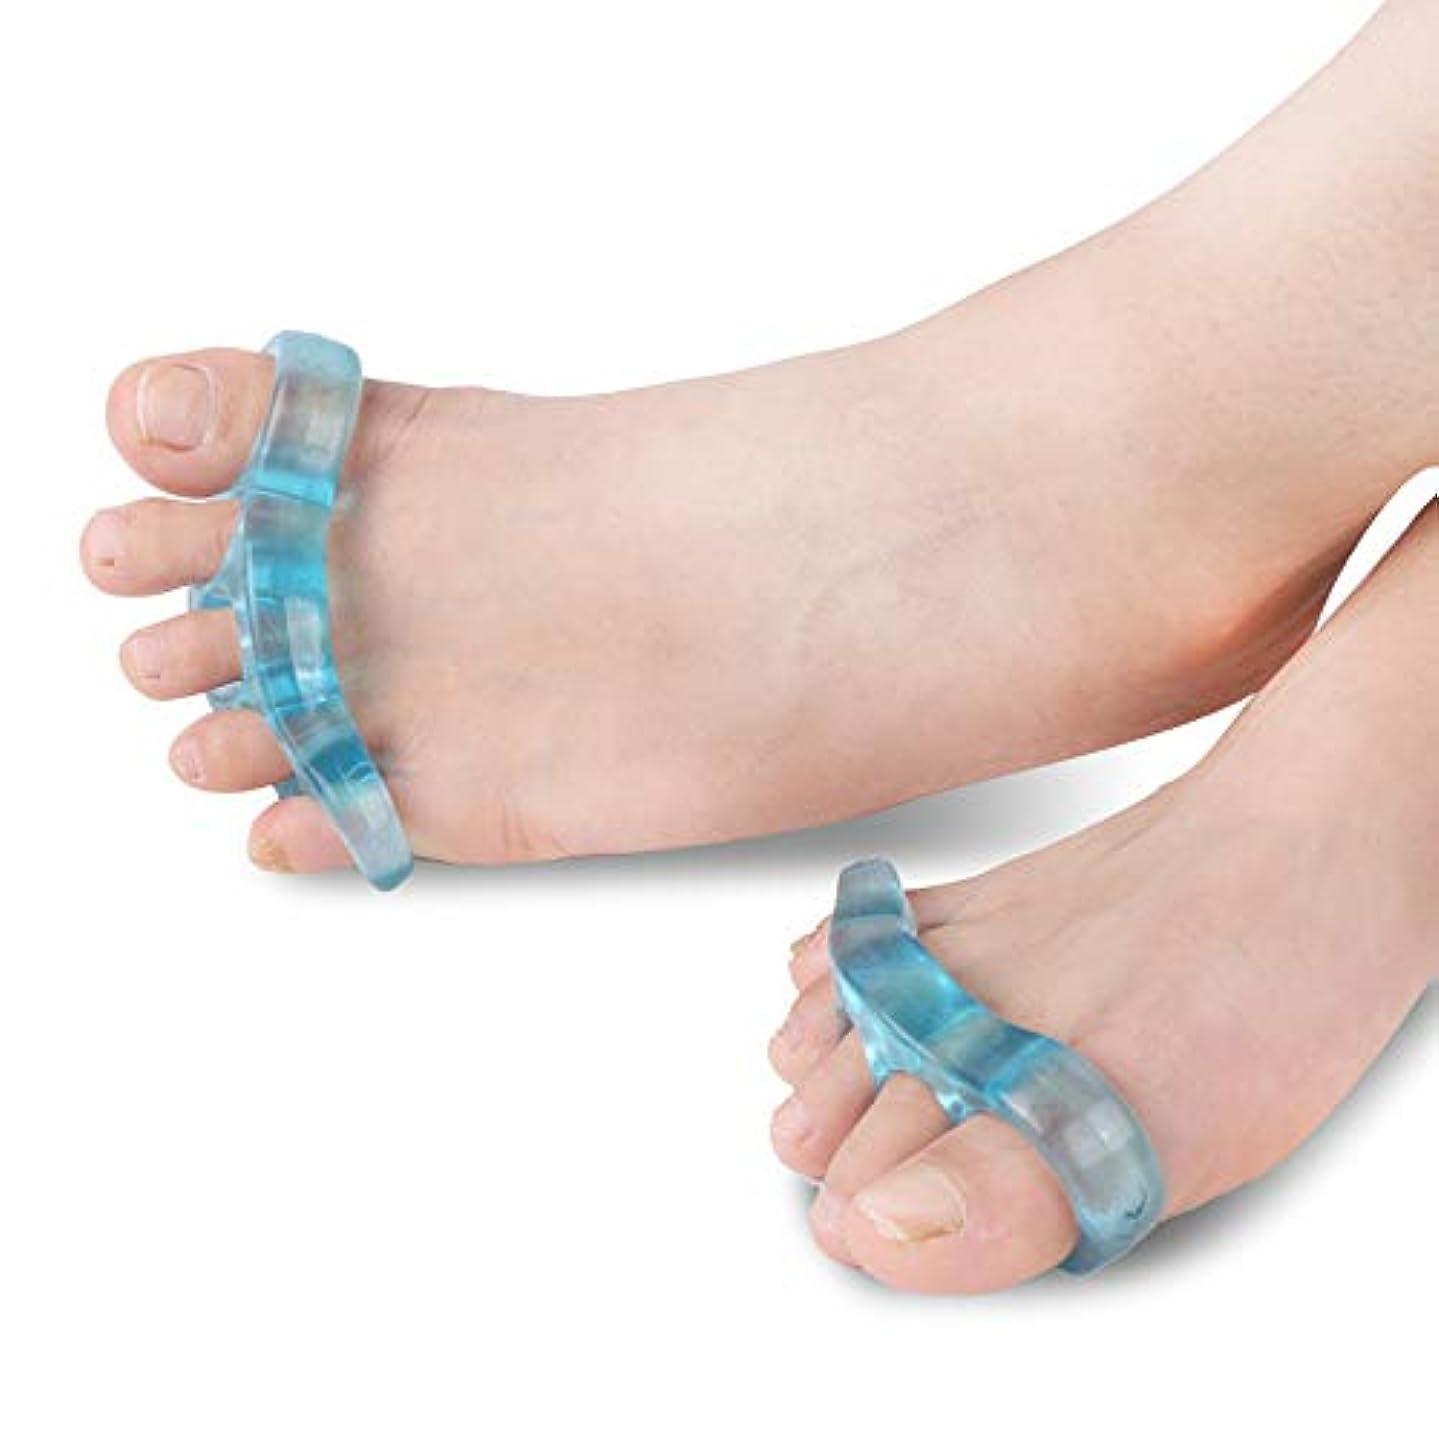 アスペクトモットープロペラつま先セパレーター5穴つま先反曲がり変形補正はヨガと運動後の痛みを和らげるために外反母趾スリッパを防ぎます,L